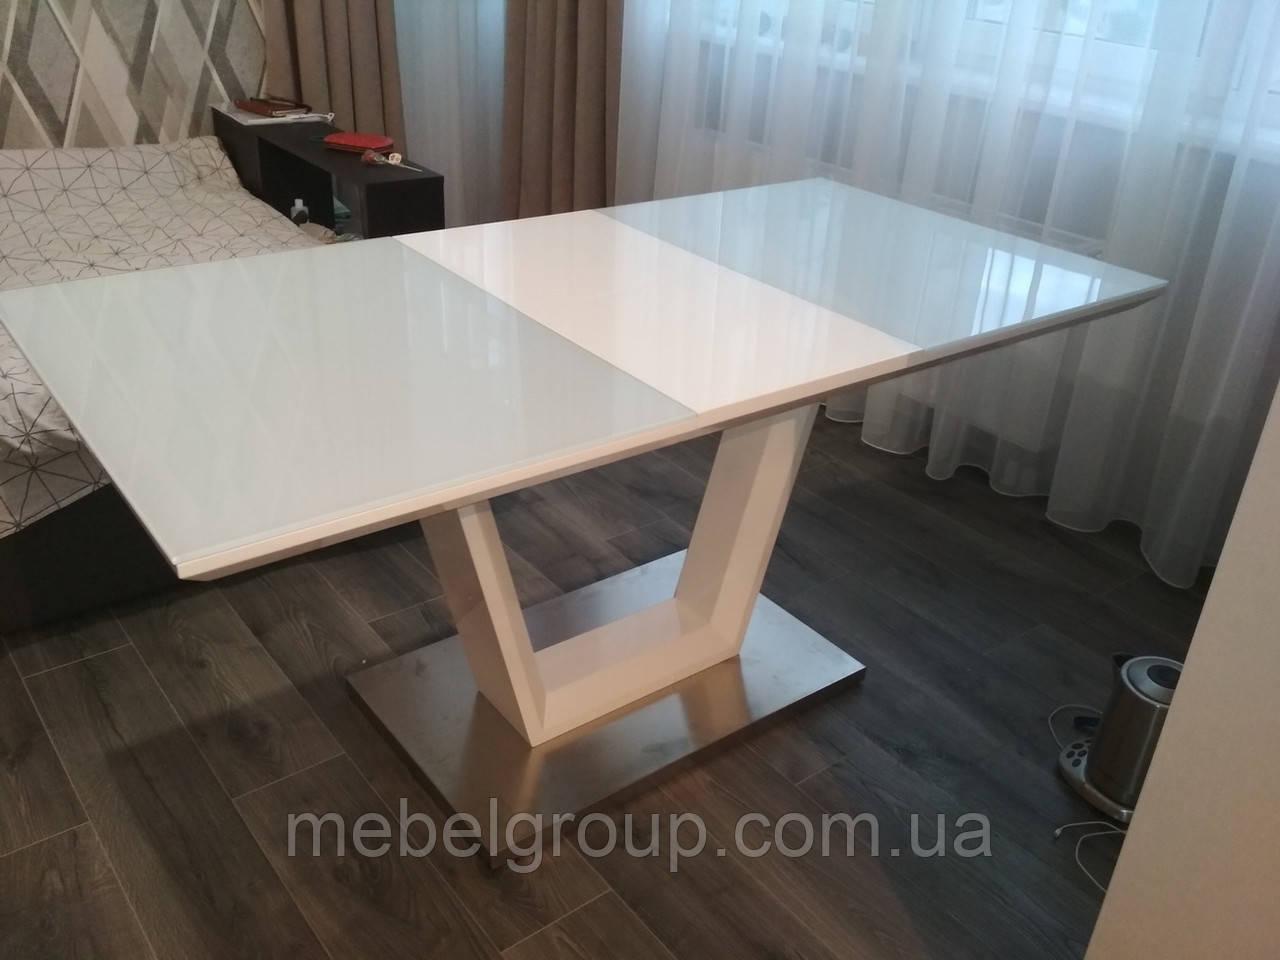 Стол ТМ-51-1 белый 120/160x80